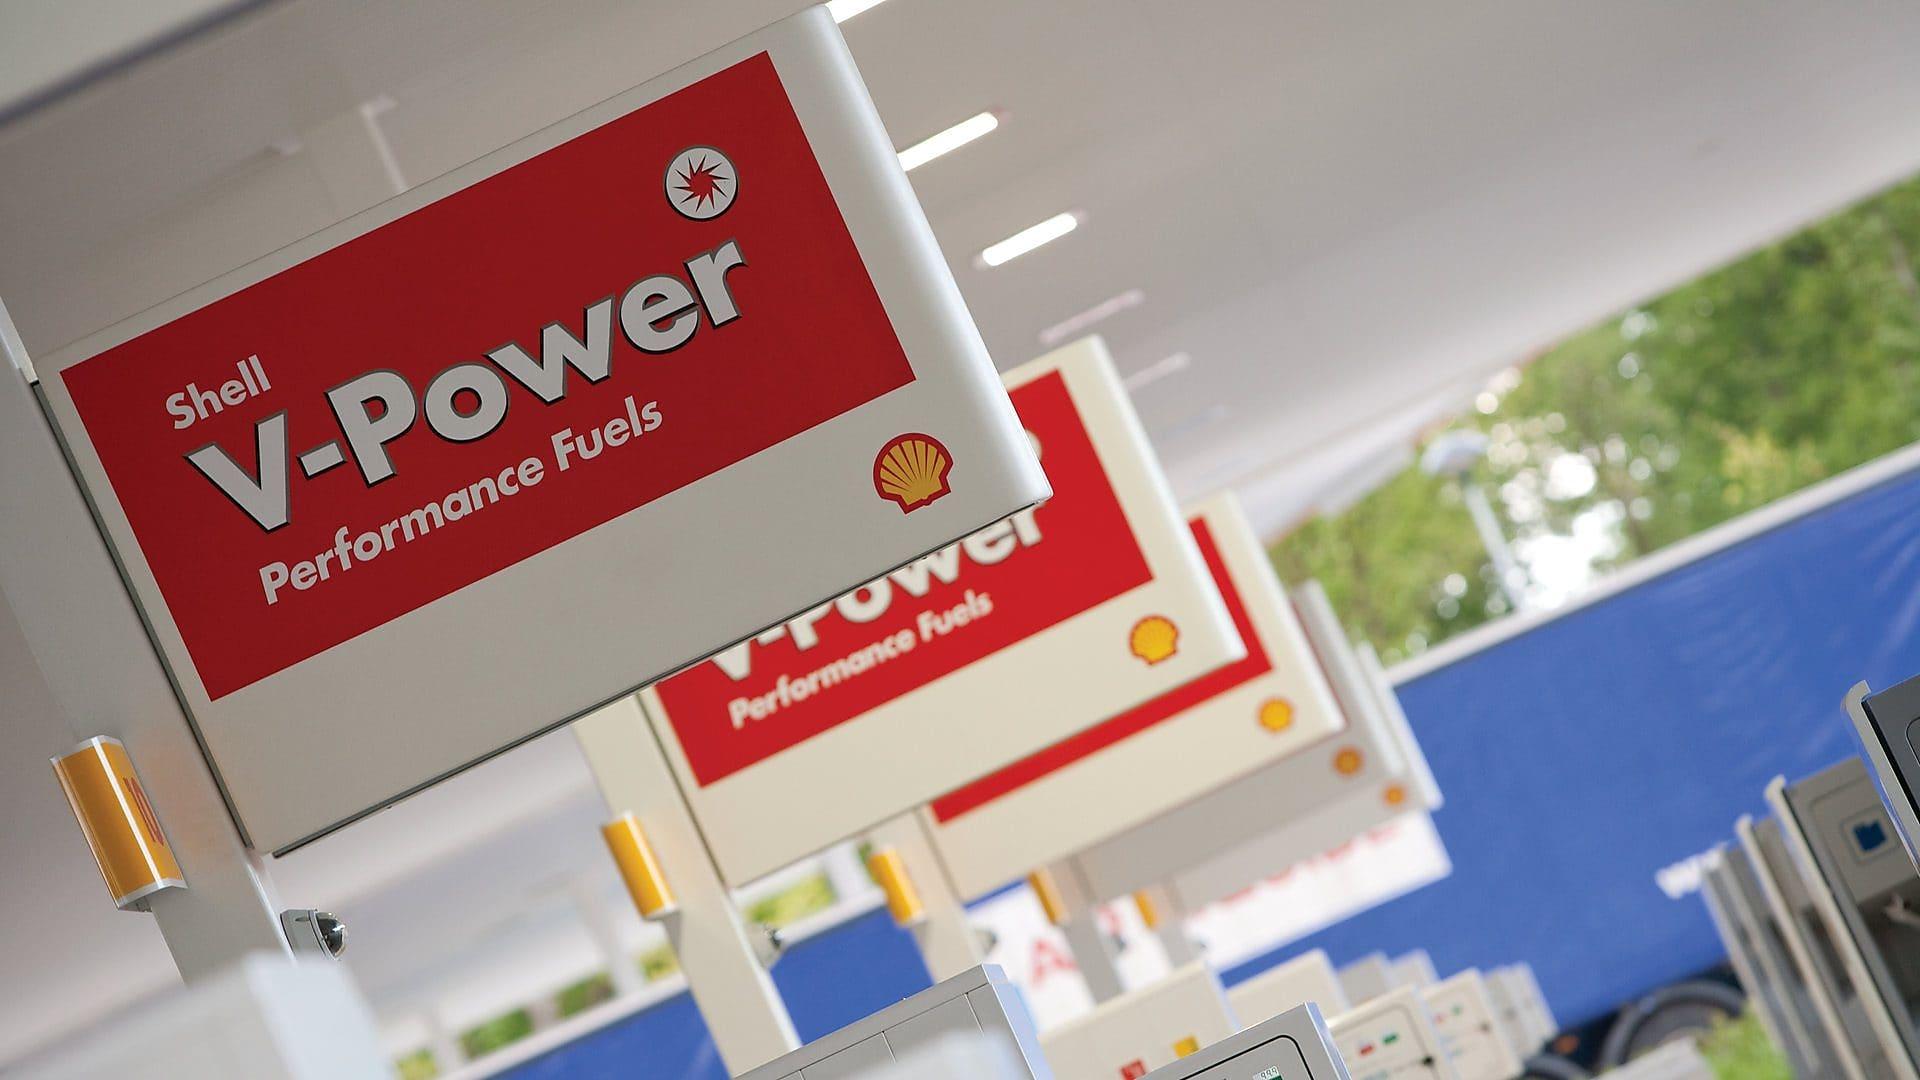 shell-v-power-benzine-diesel-brandstof